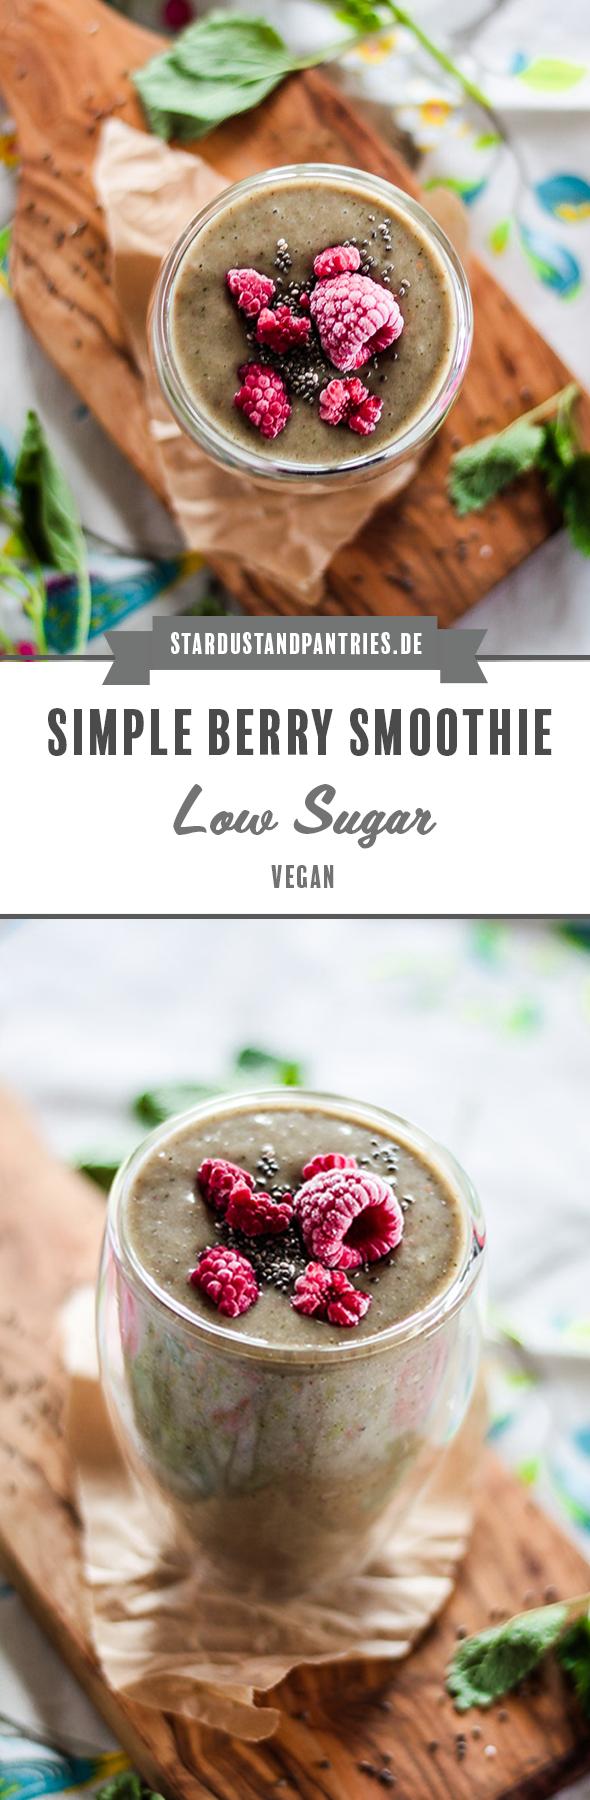 Ein einfacher und leckerer grüner Low Sugar Smoothie mit Himbeeren bringt viele Vitamine und Antioxidantien für schöne Haut!